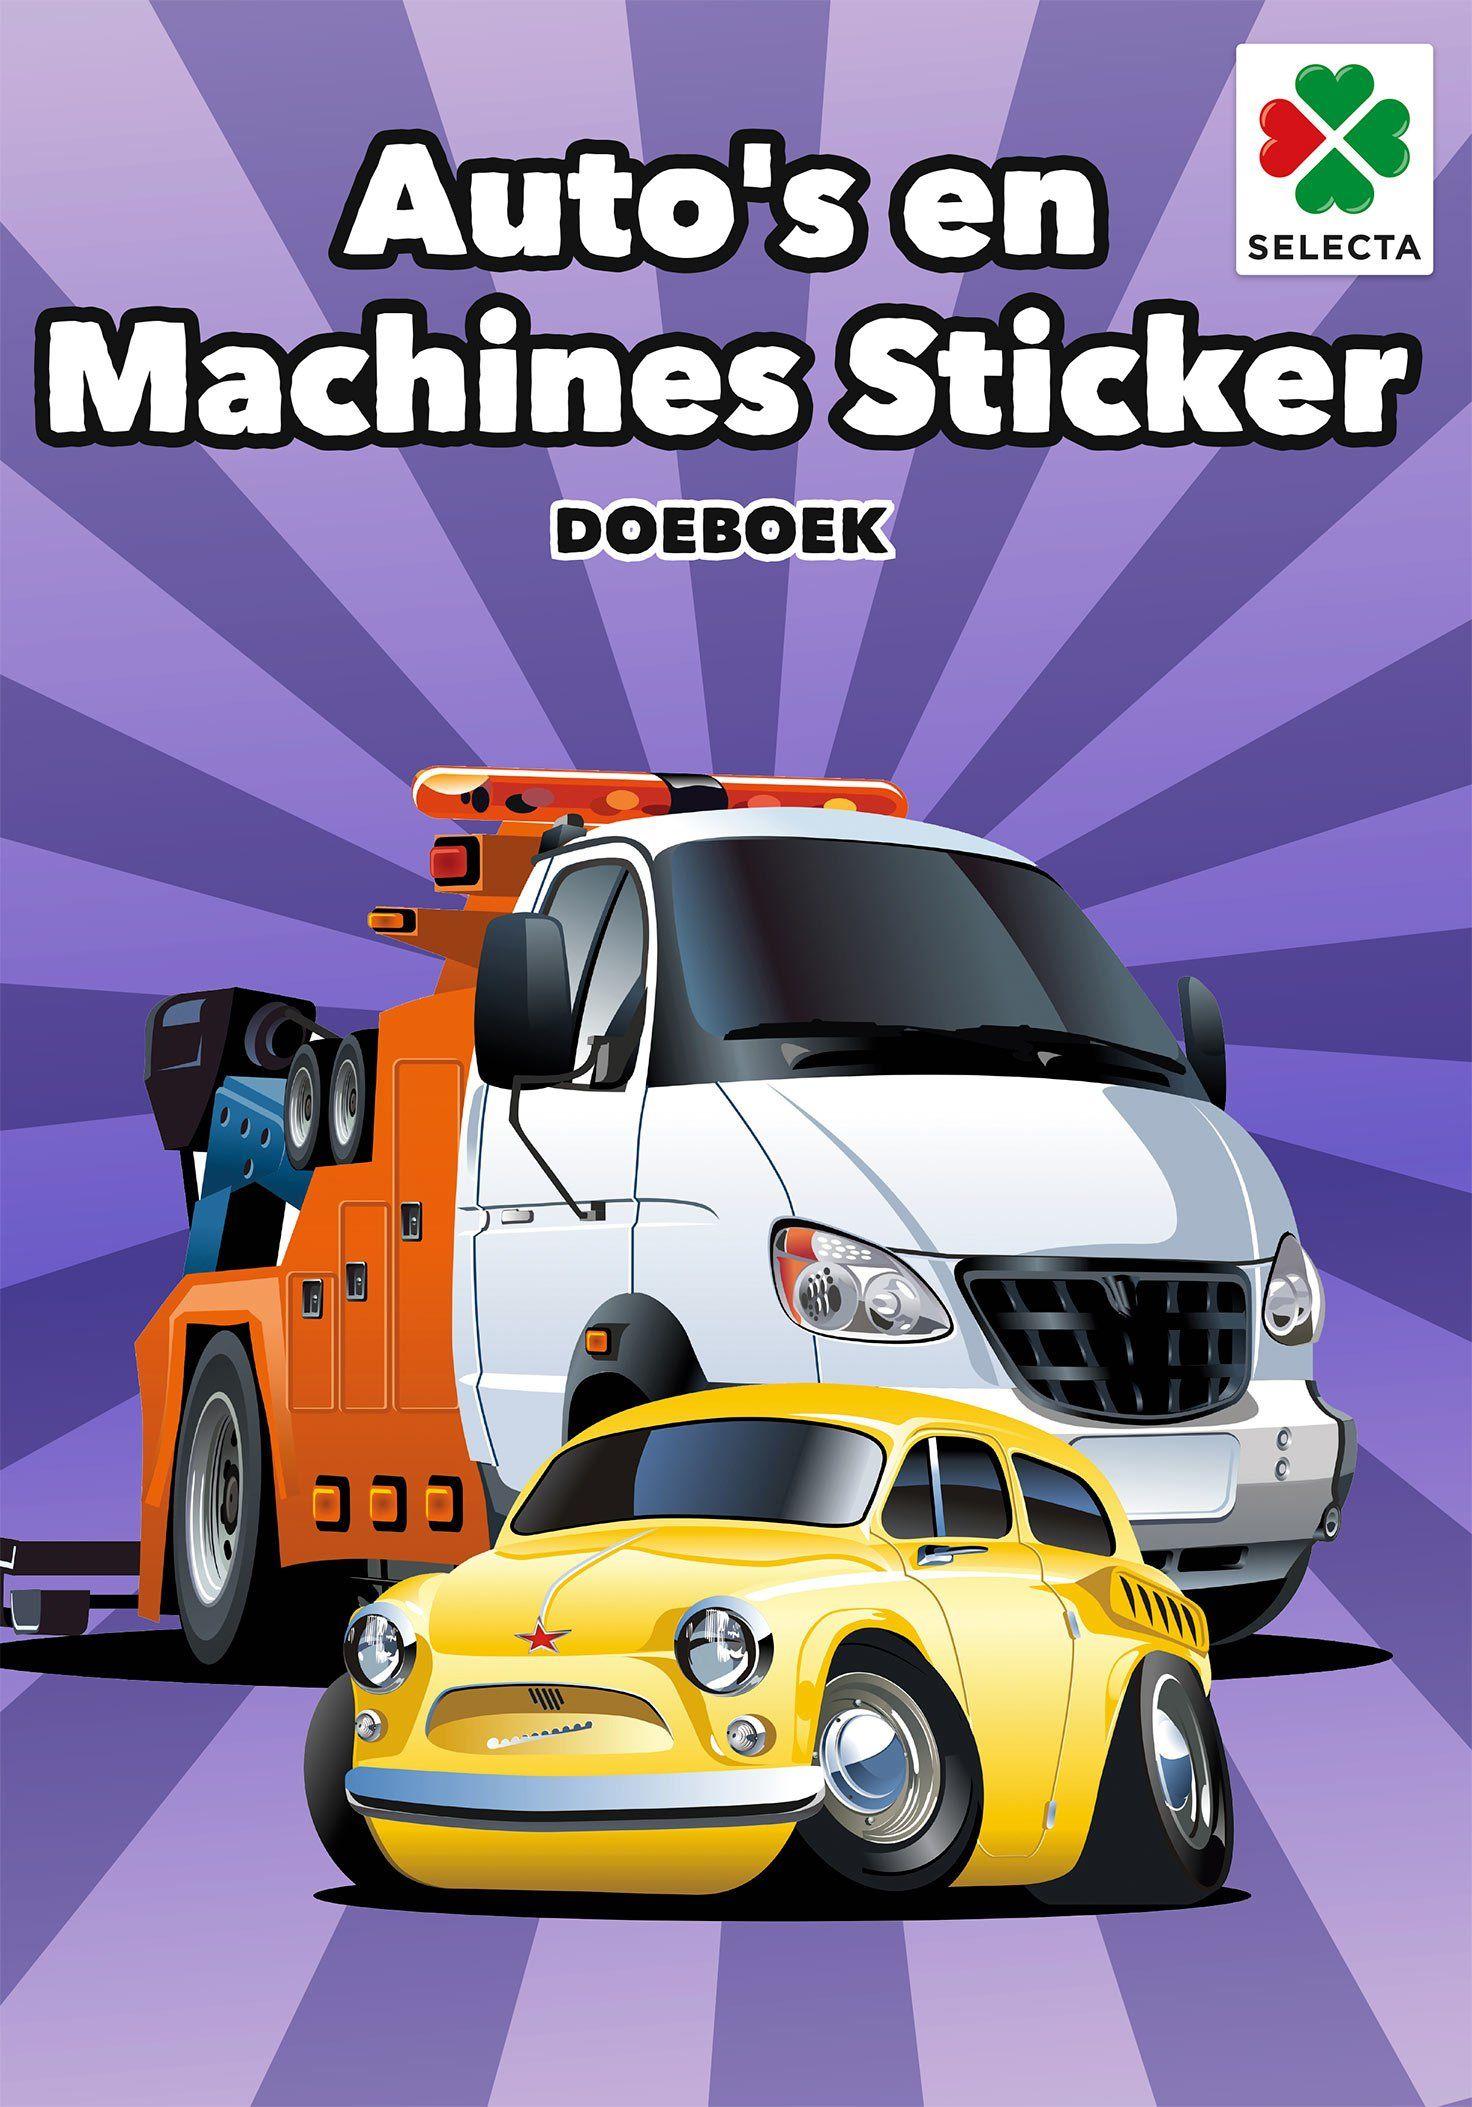 SELECTA SPEL EN HOBBY 54620 Zet je motoren aan Dit is het boek voor wszystkie samochody, de Pagina''s staan vol met activiteiten en kleurplaten. Aantal pagina''s: 32, para